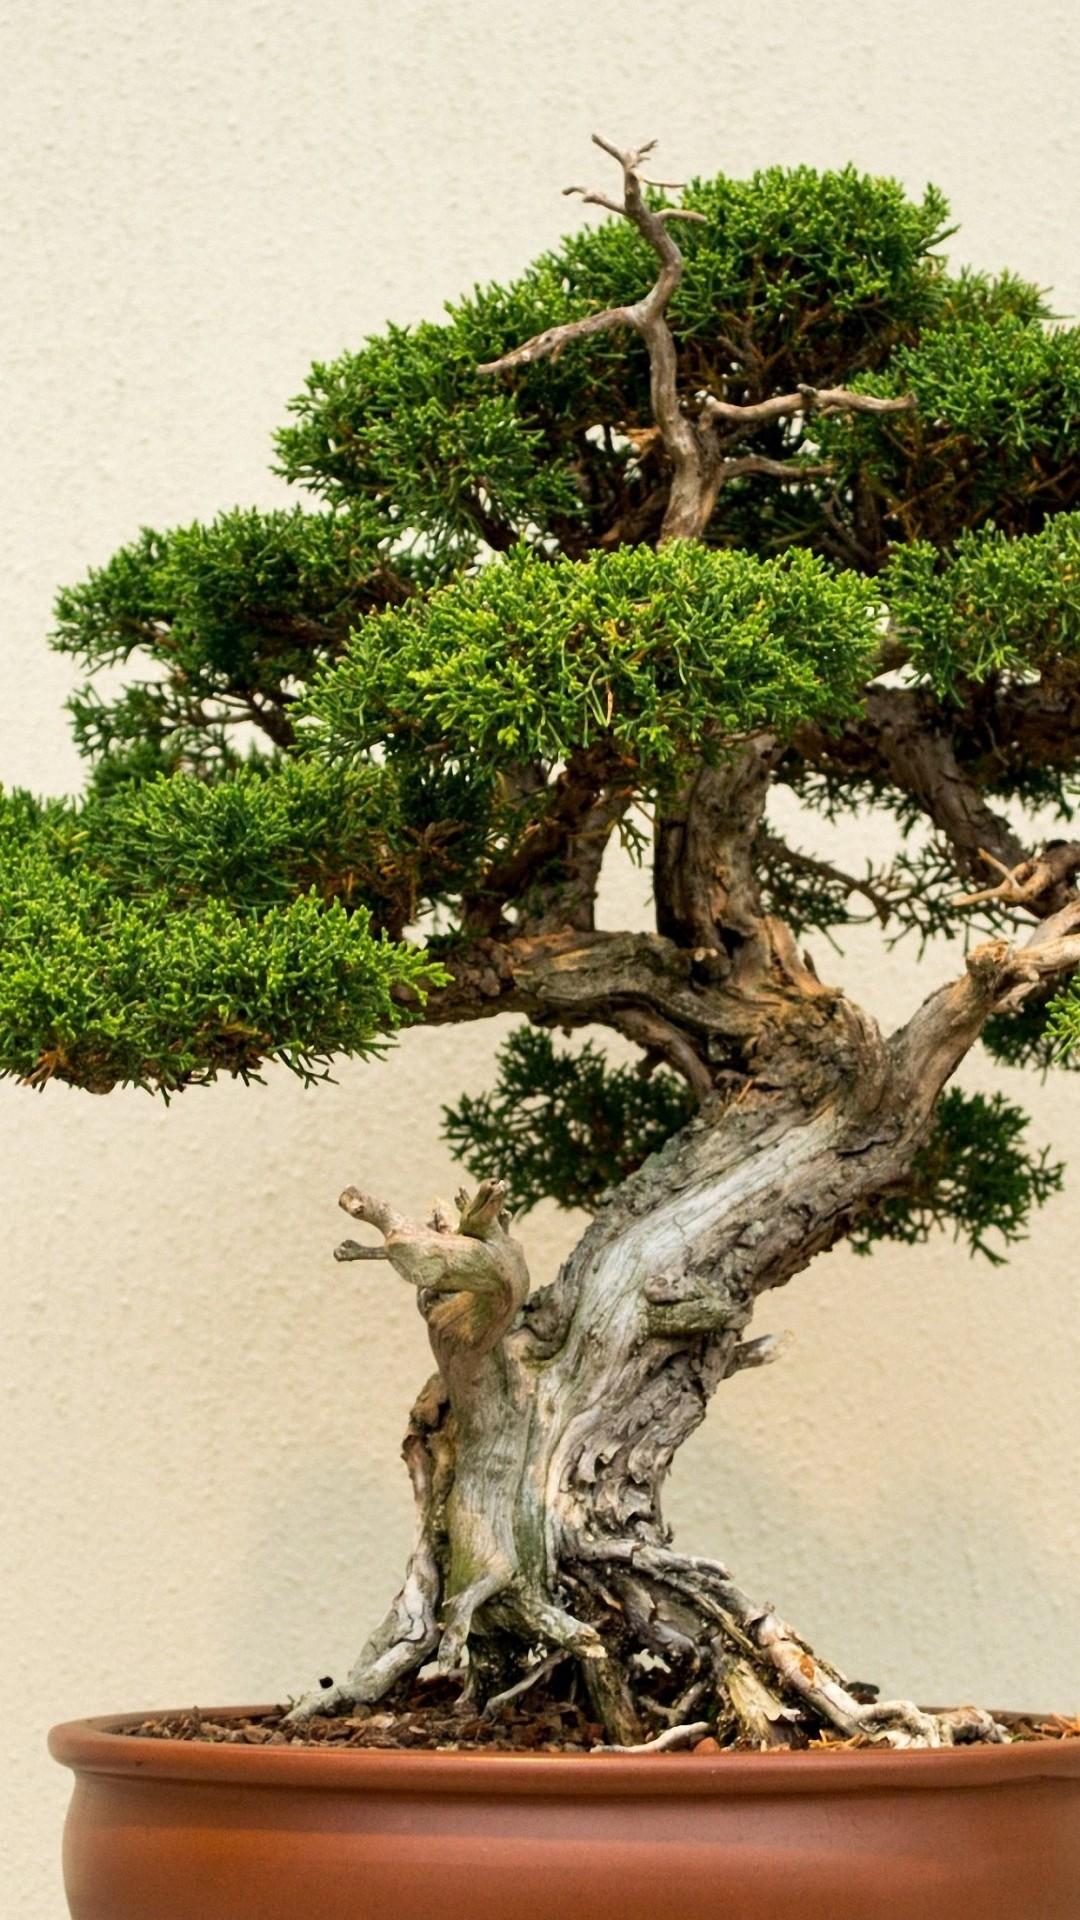 Bonsai Wallpaper : bonsai, wallpaper, Bonsai, Wallpaper, Iphone, 1080x1920, Teahub.io